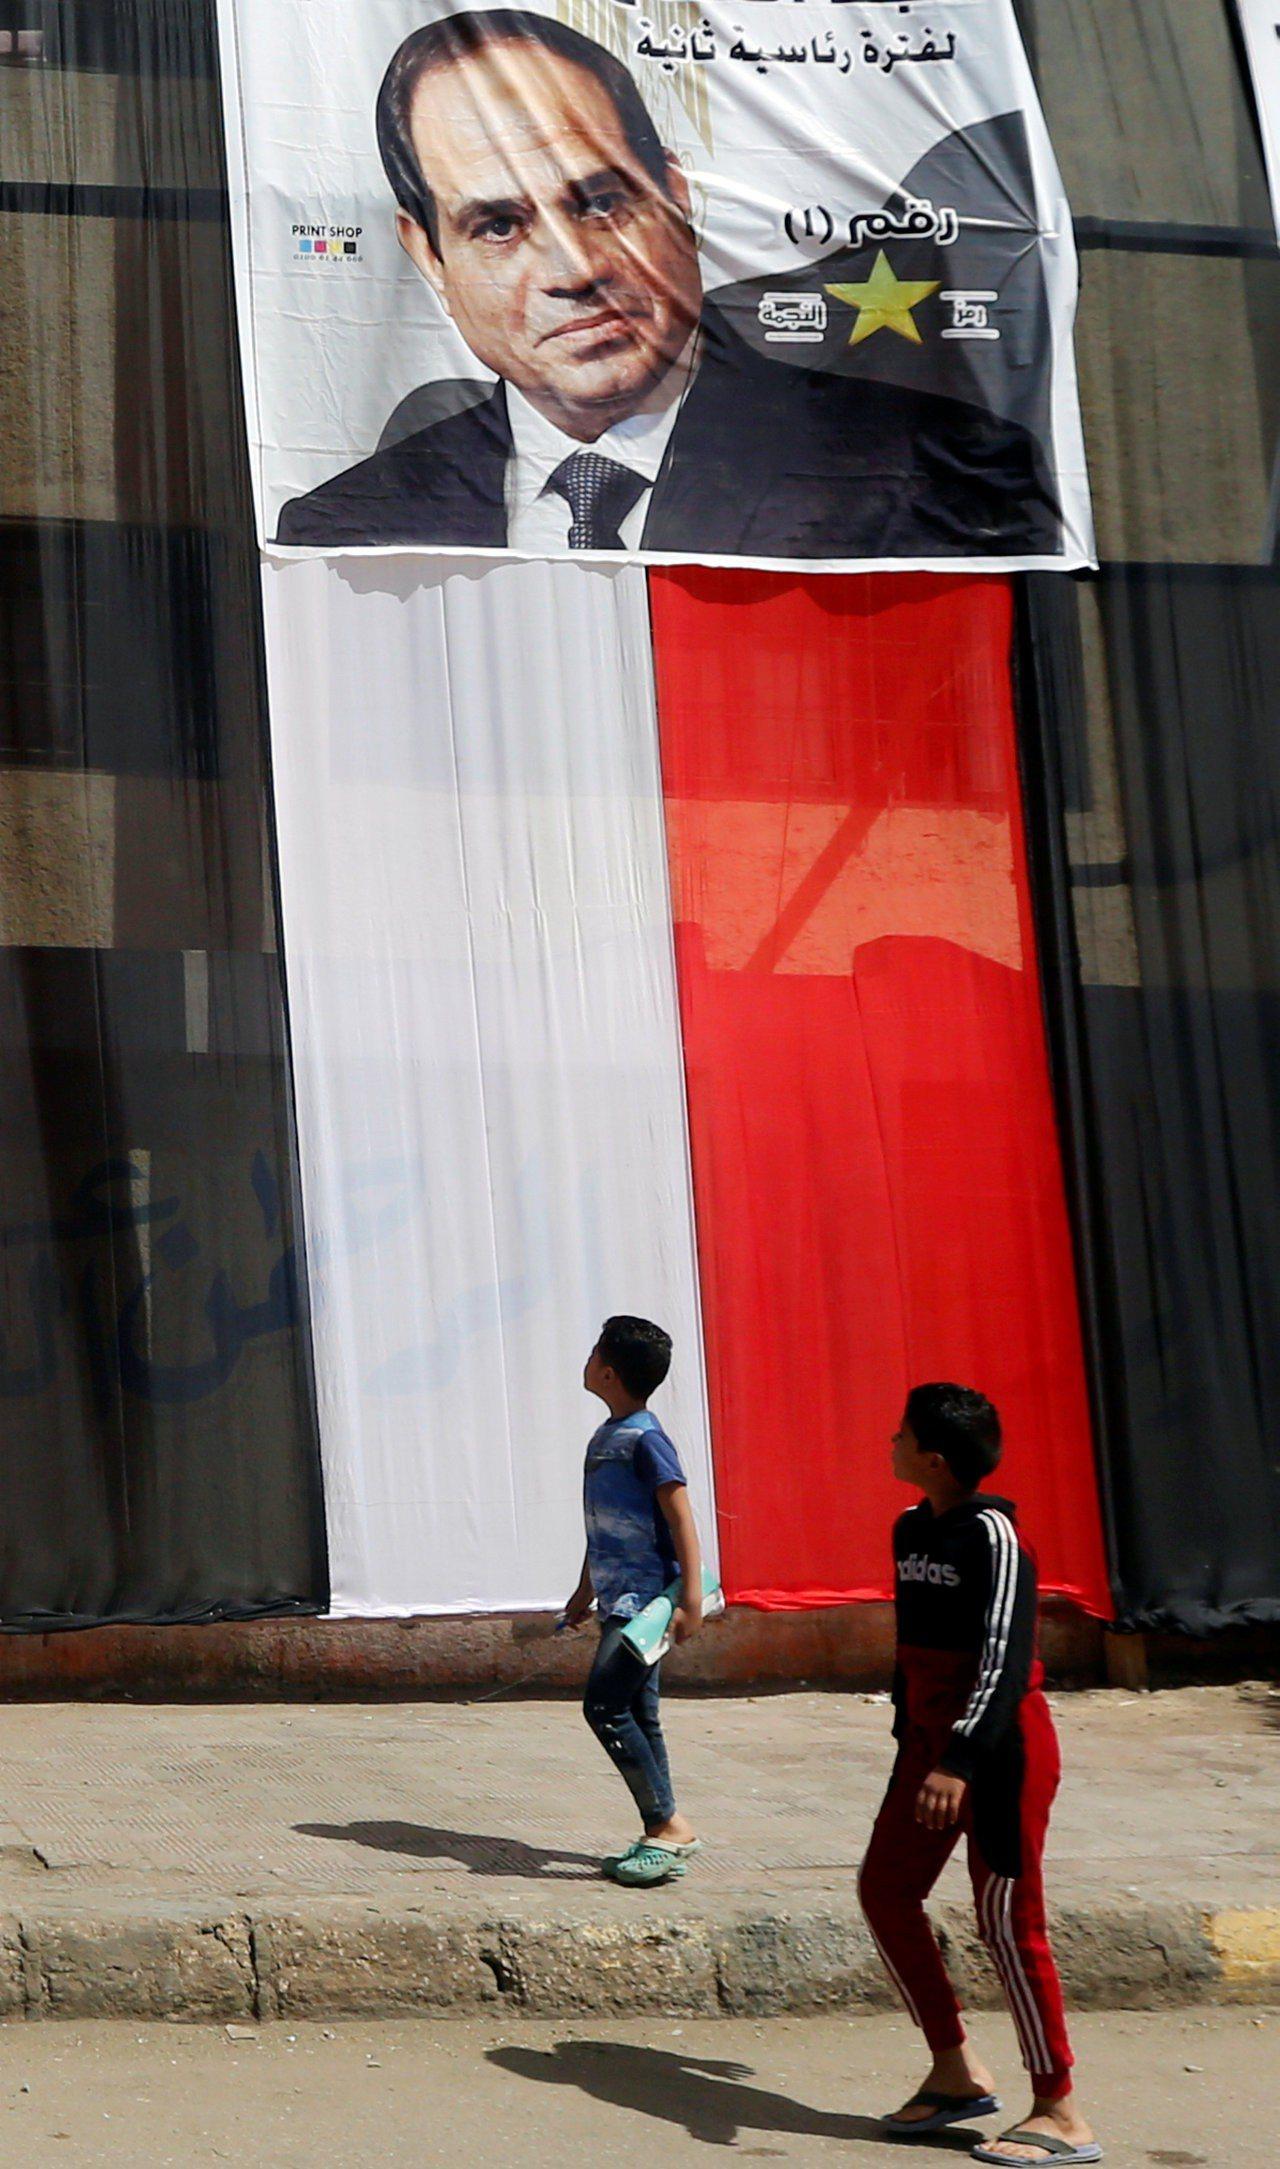 埃及首都開羅的投票所外牆25日懸掛著埃及國旗和總統塞西肖像。(路透)